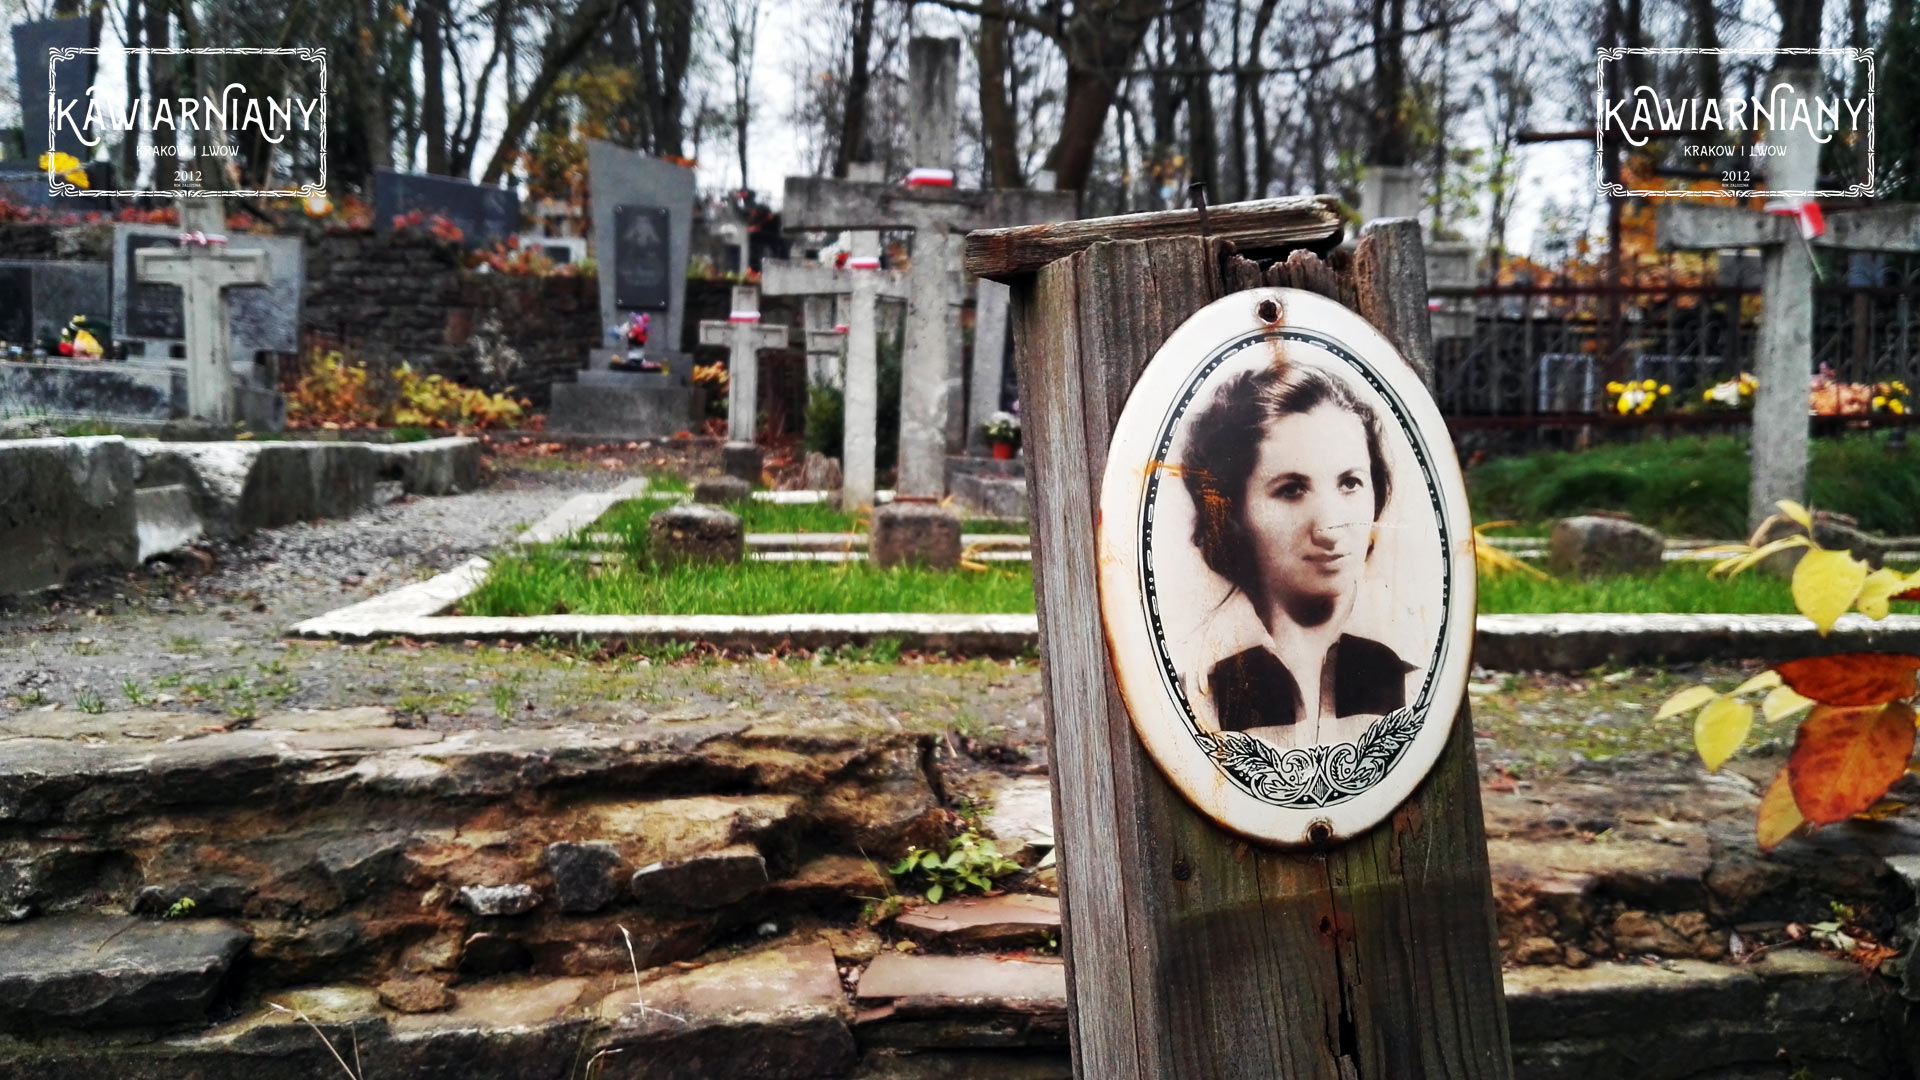 Cmentarz Janowski we Lwowie – historia, zwiedzanie, przewodnik po wycieczce